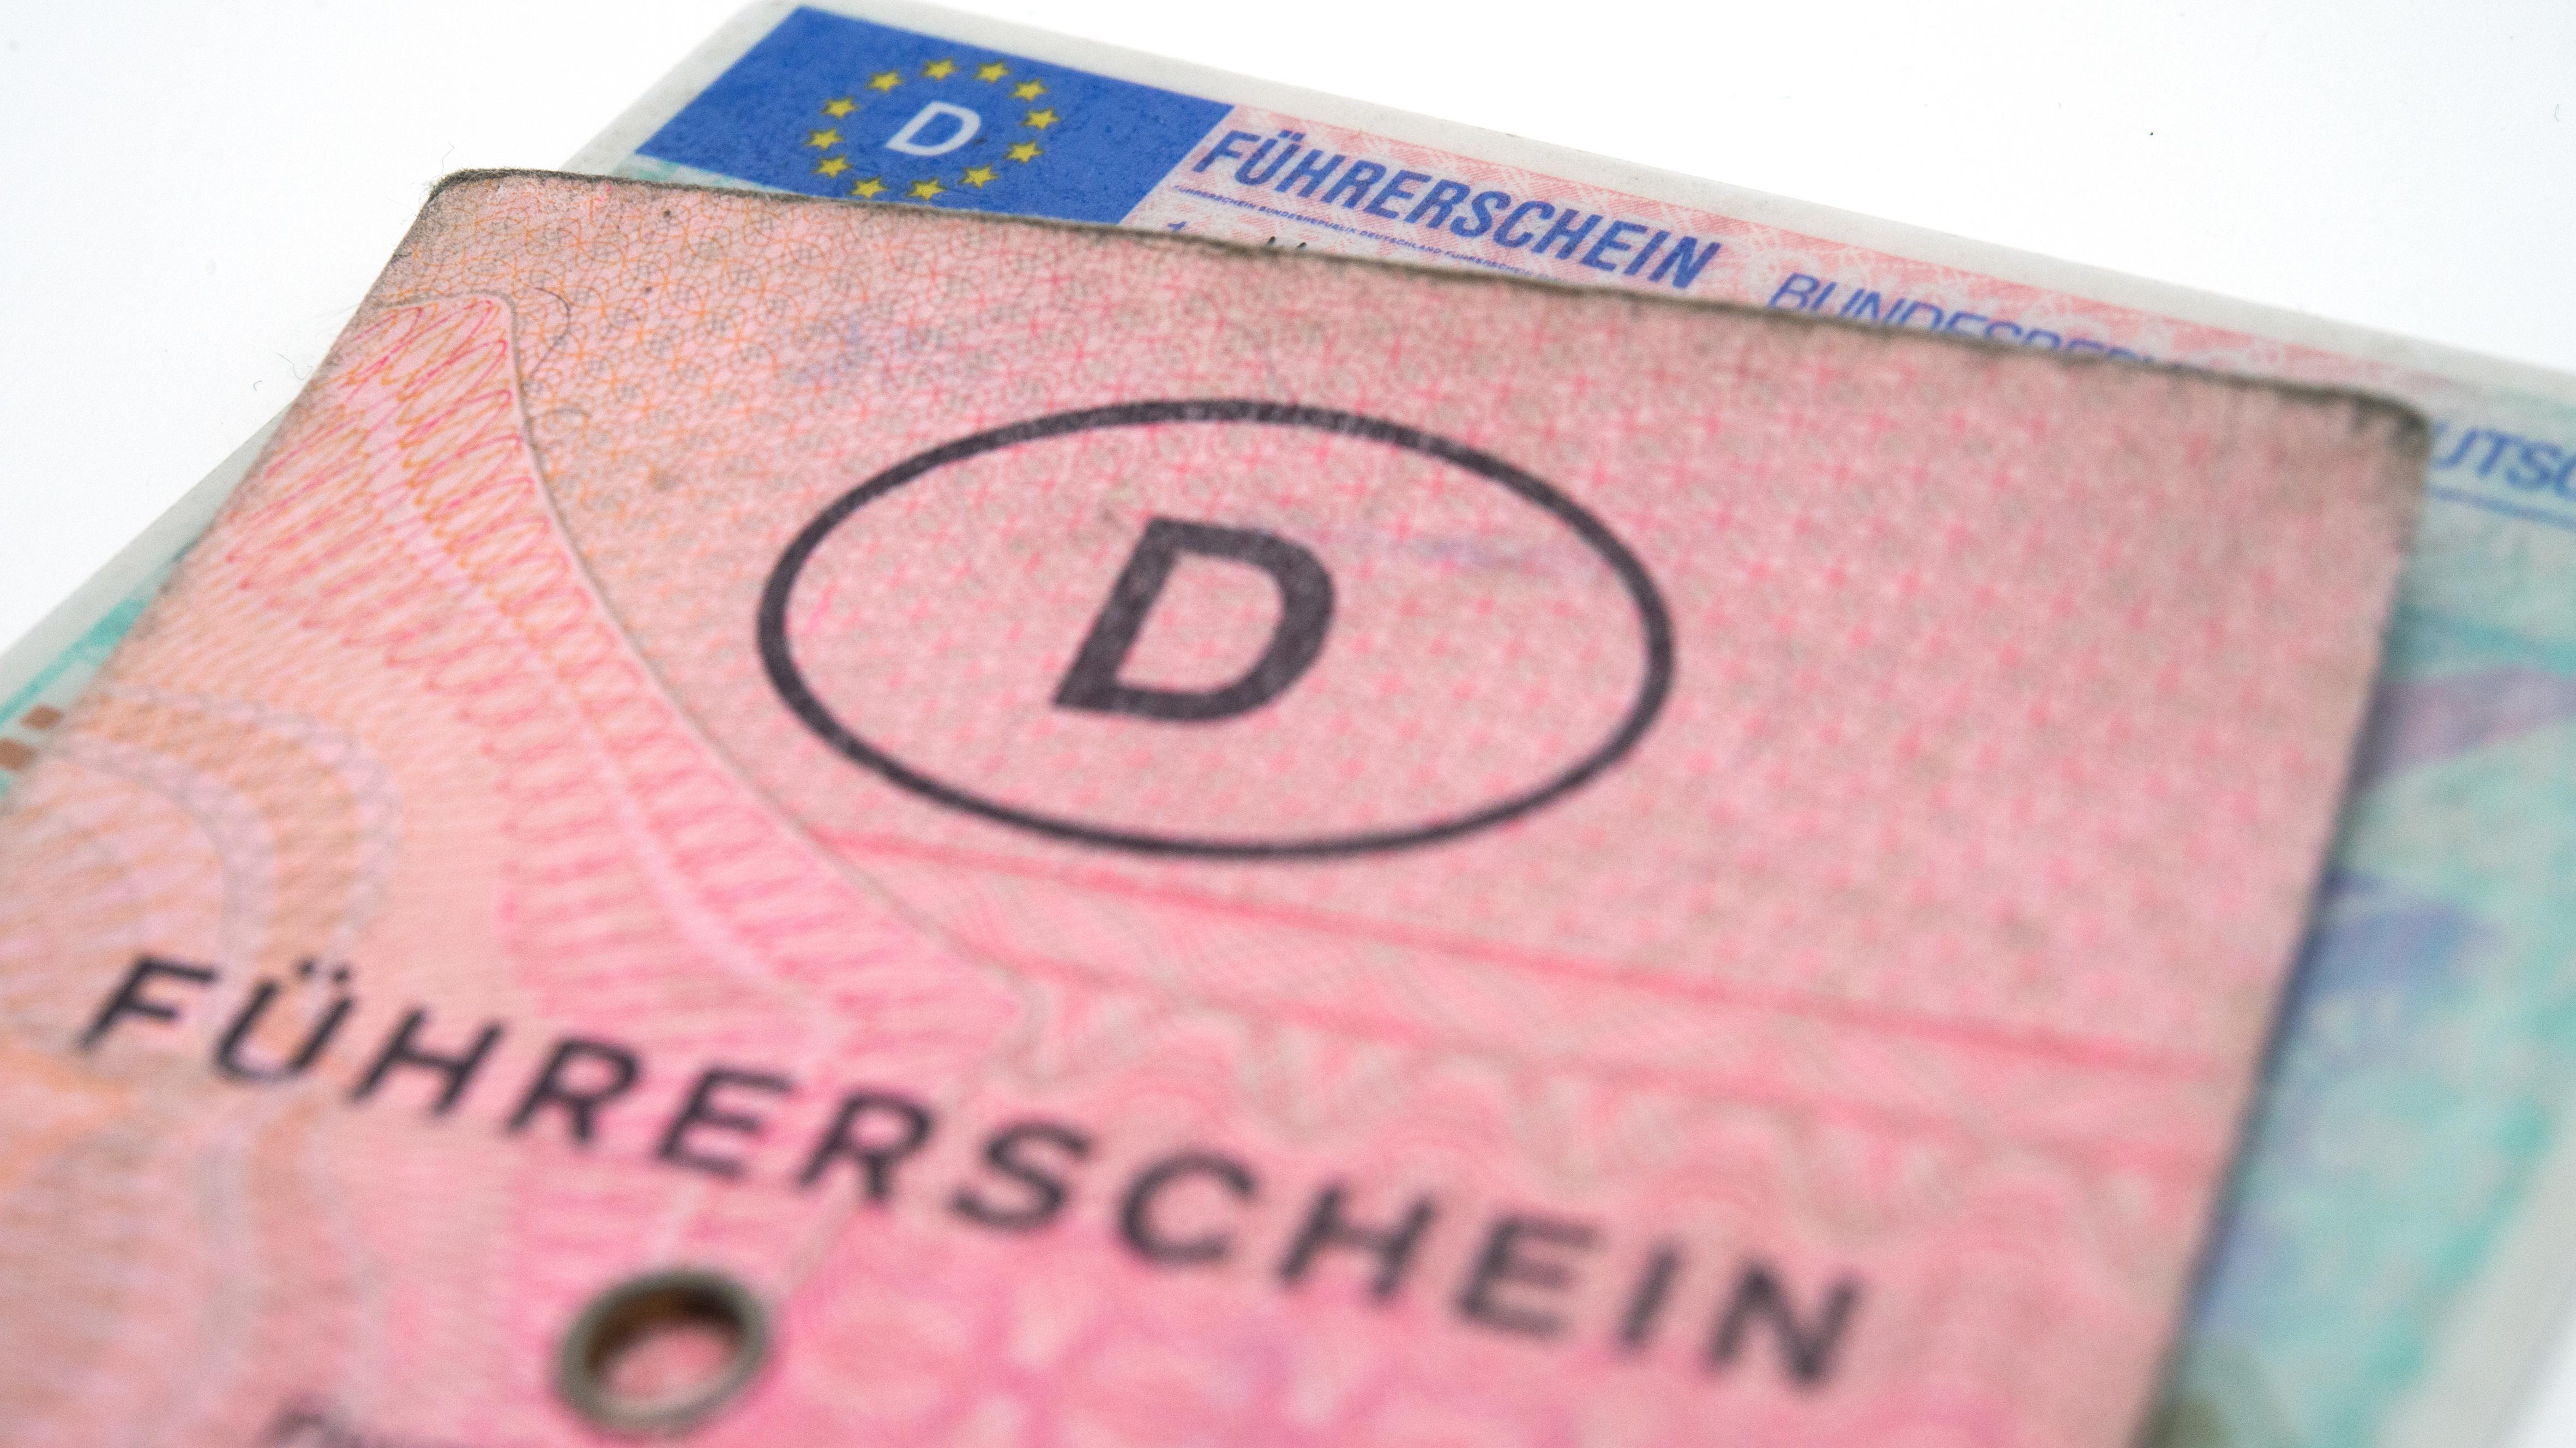 Alter und neuer Führerschein (Symbolbild)